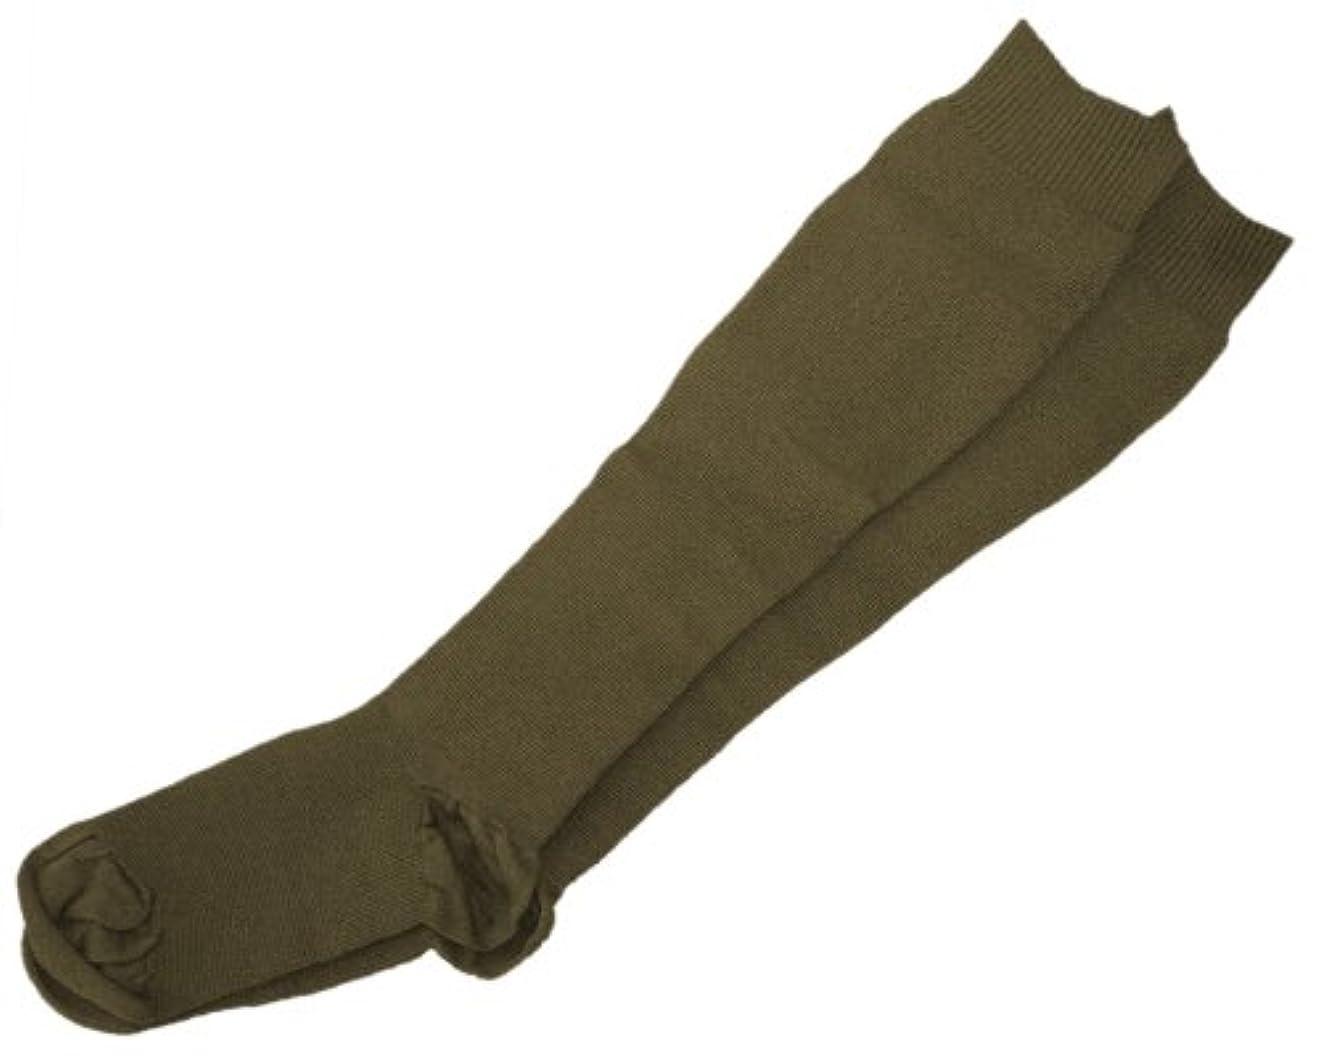 誰かスズメバチシガレットギロファ スタンダードソックス ブラウン Sサイズ(22.0~23.5cm)